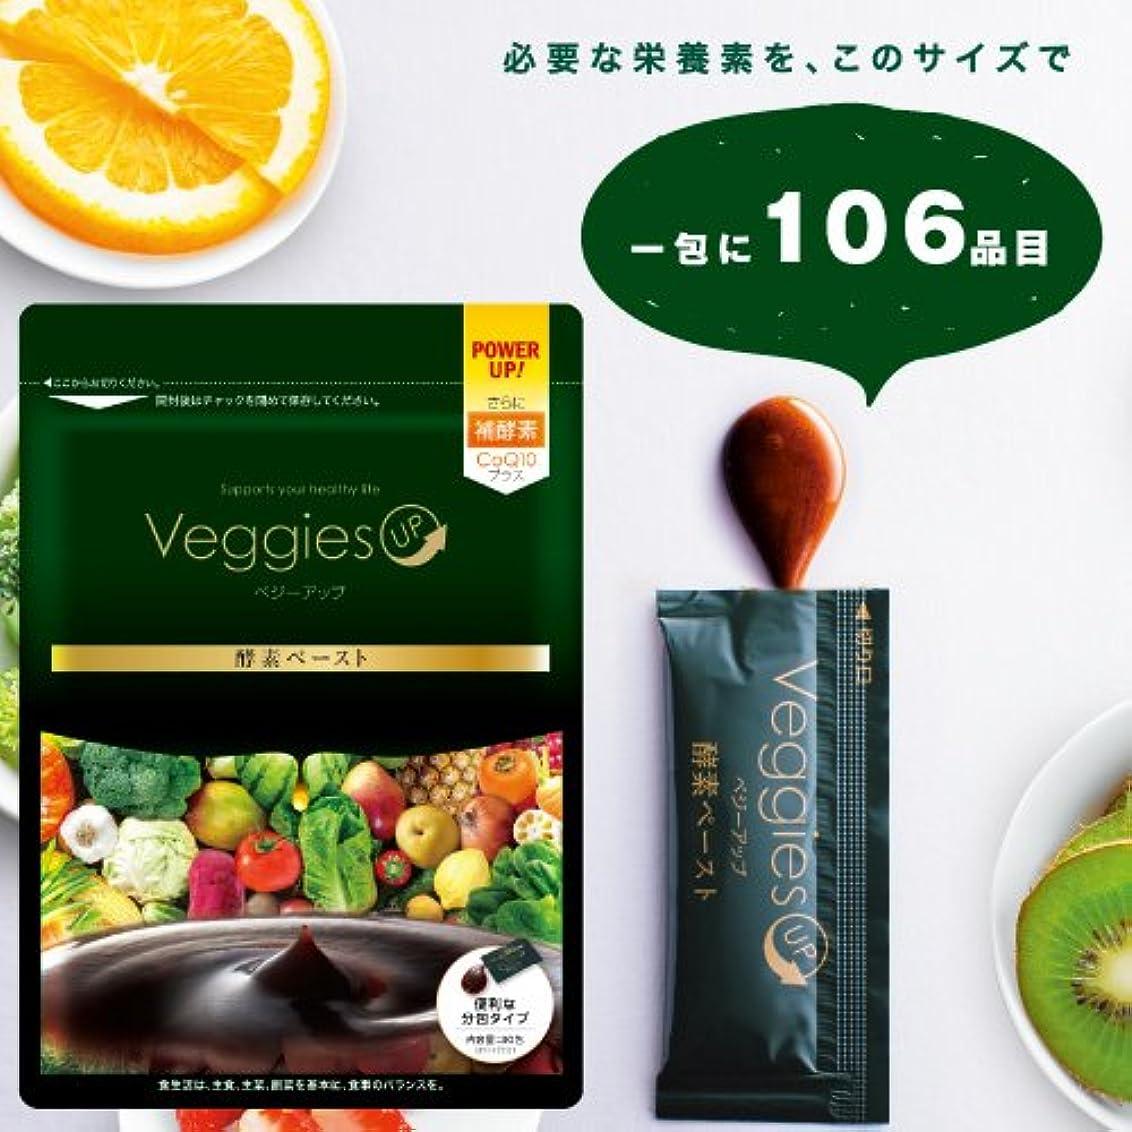 速度燃やす一時停止ベジーアップ酵素ペースト 90g [3g×30包] ダイエット オリゴ糖 イヌリン コエンザイムQ10 黒ウコン 健康